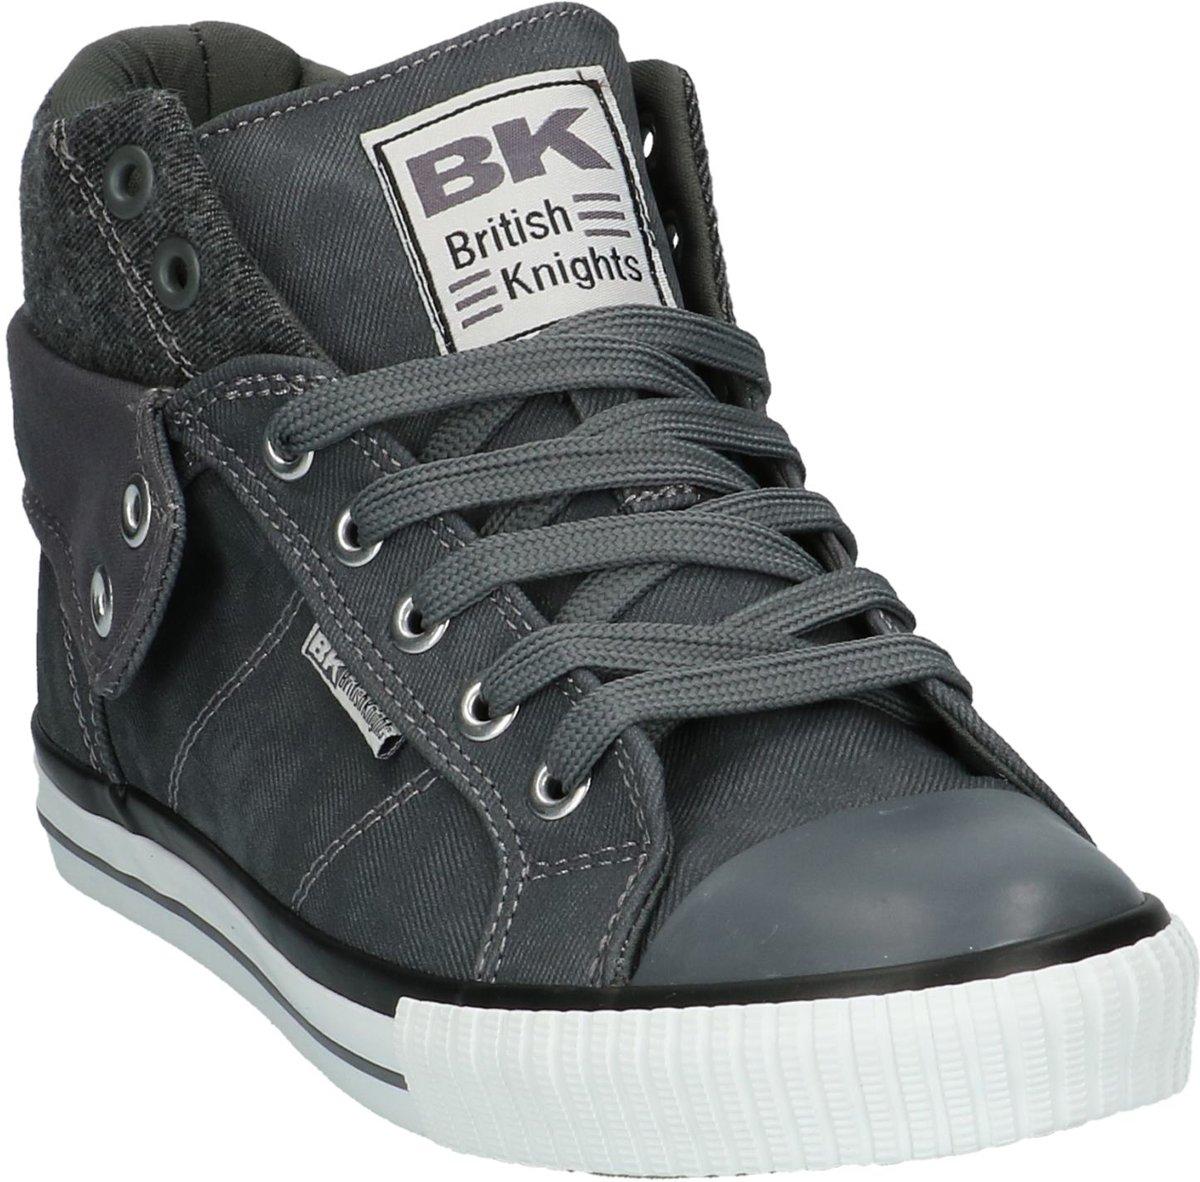 9212c271edd bol.com | BK - Roco 3703 - Sneaker hoog sportief - Heren - Maat 40 - Grijs  - 31 -Dk Grey/Black